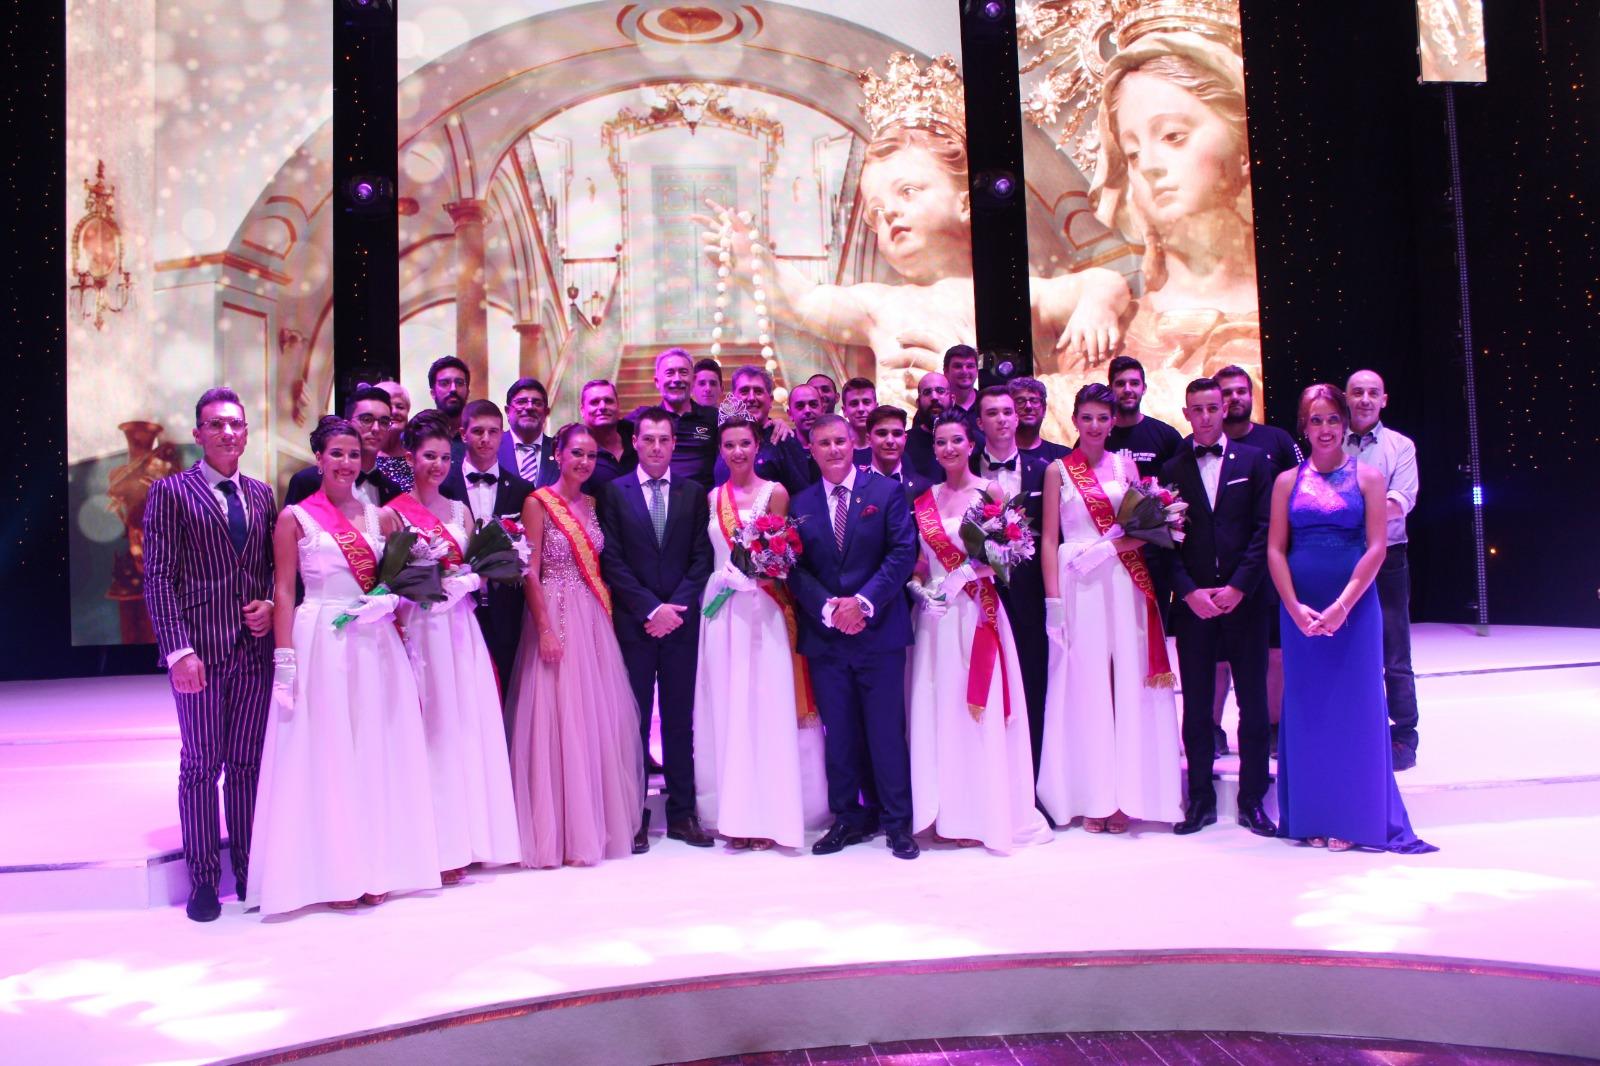 El pregón de Alfonso Ciudad y la coronación de la reina dan el pistoletazo de salida a las Fiestas Patronales 2018